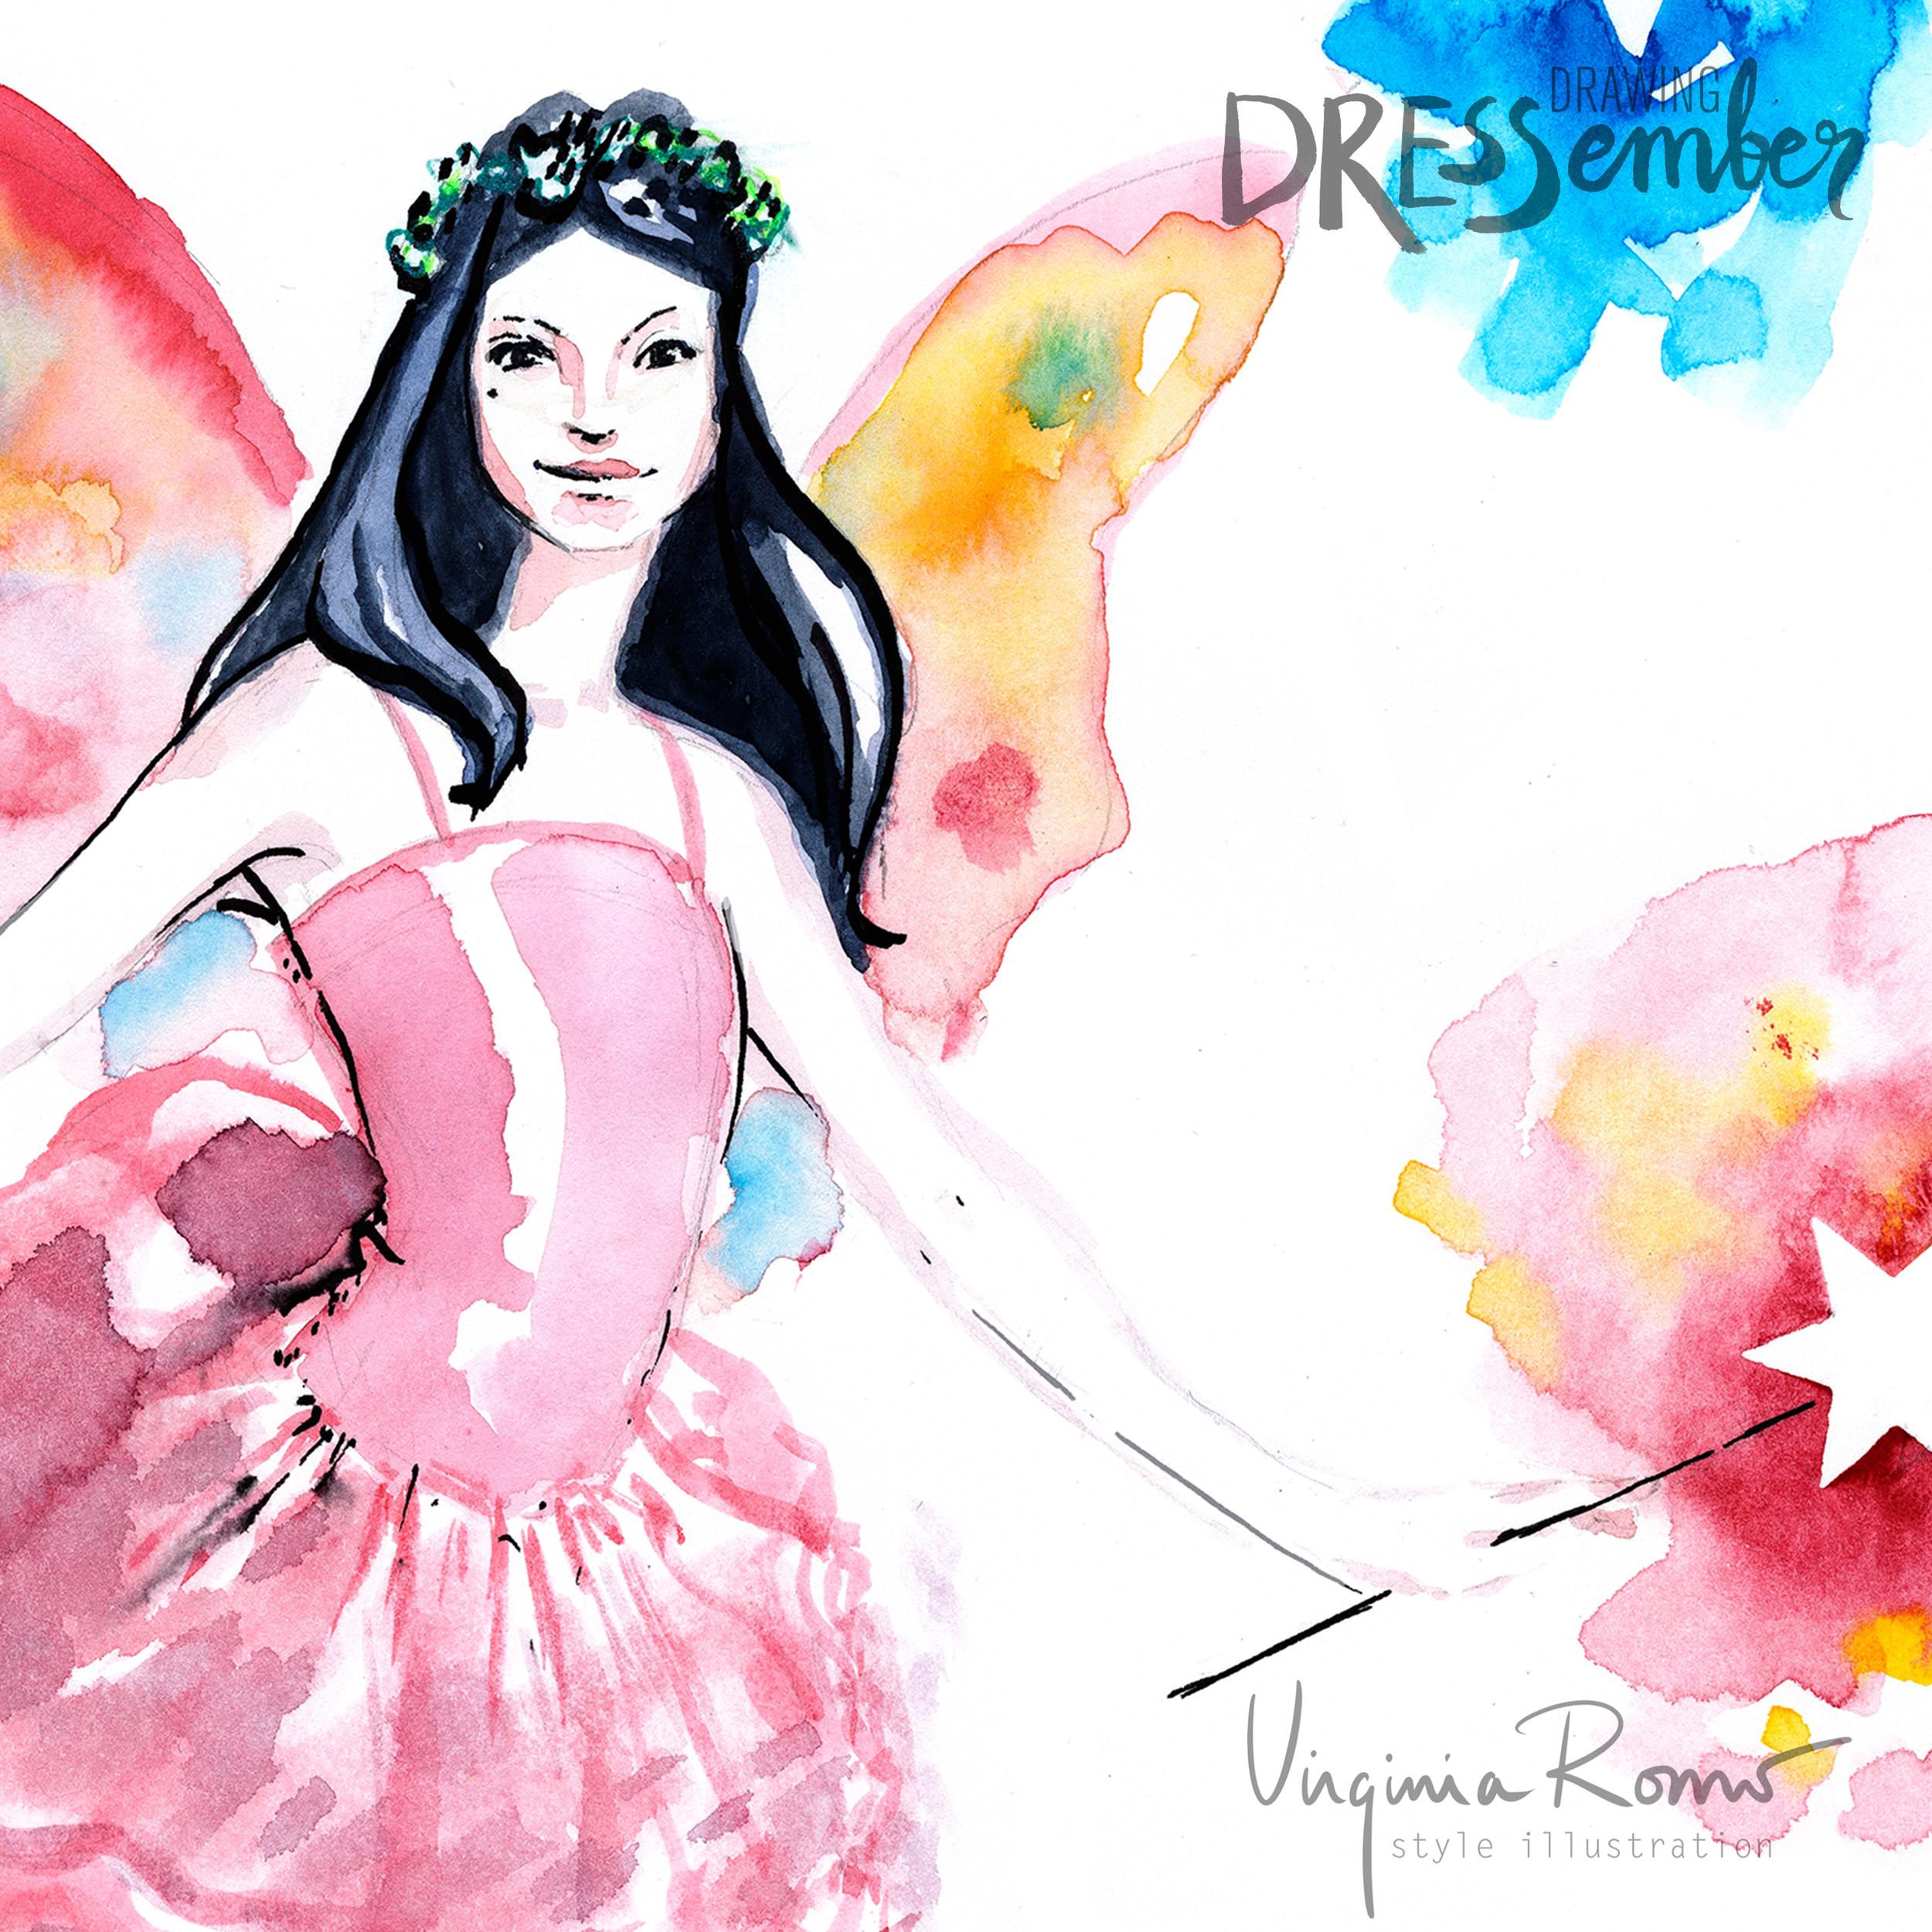 dressember-VirginiaRomoIllustration-13-Yasmin-IG-BIG.jpg